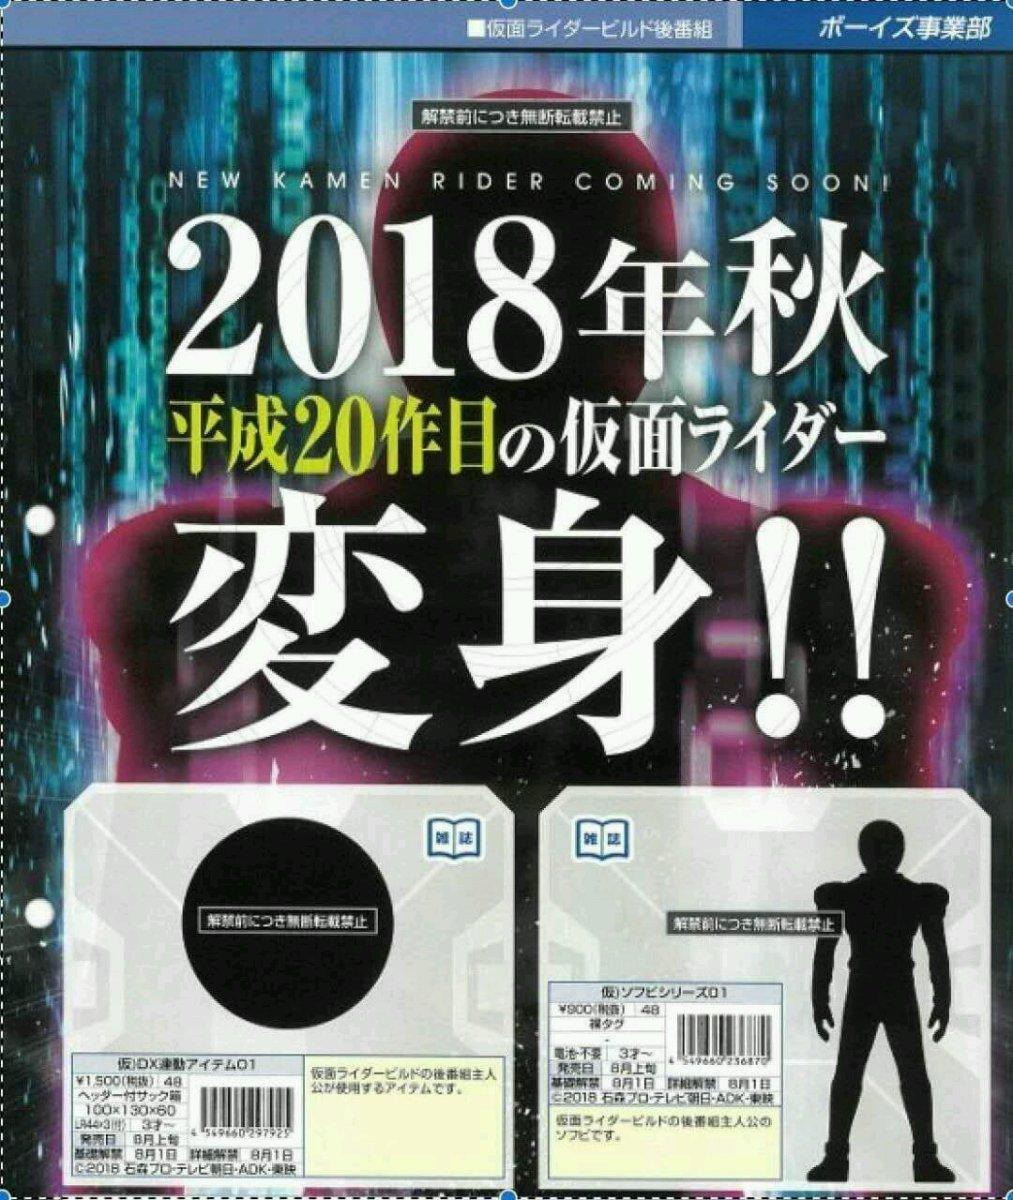 【ネタバレ】2018年秋平成20作目の仮面ライダー シルエット画像 触角もないようなシンプルなデザイン ほんとにシンプルなのか単なるイメージ図なのか